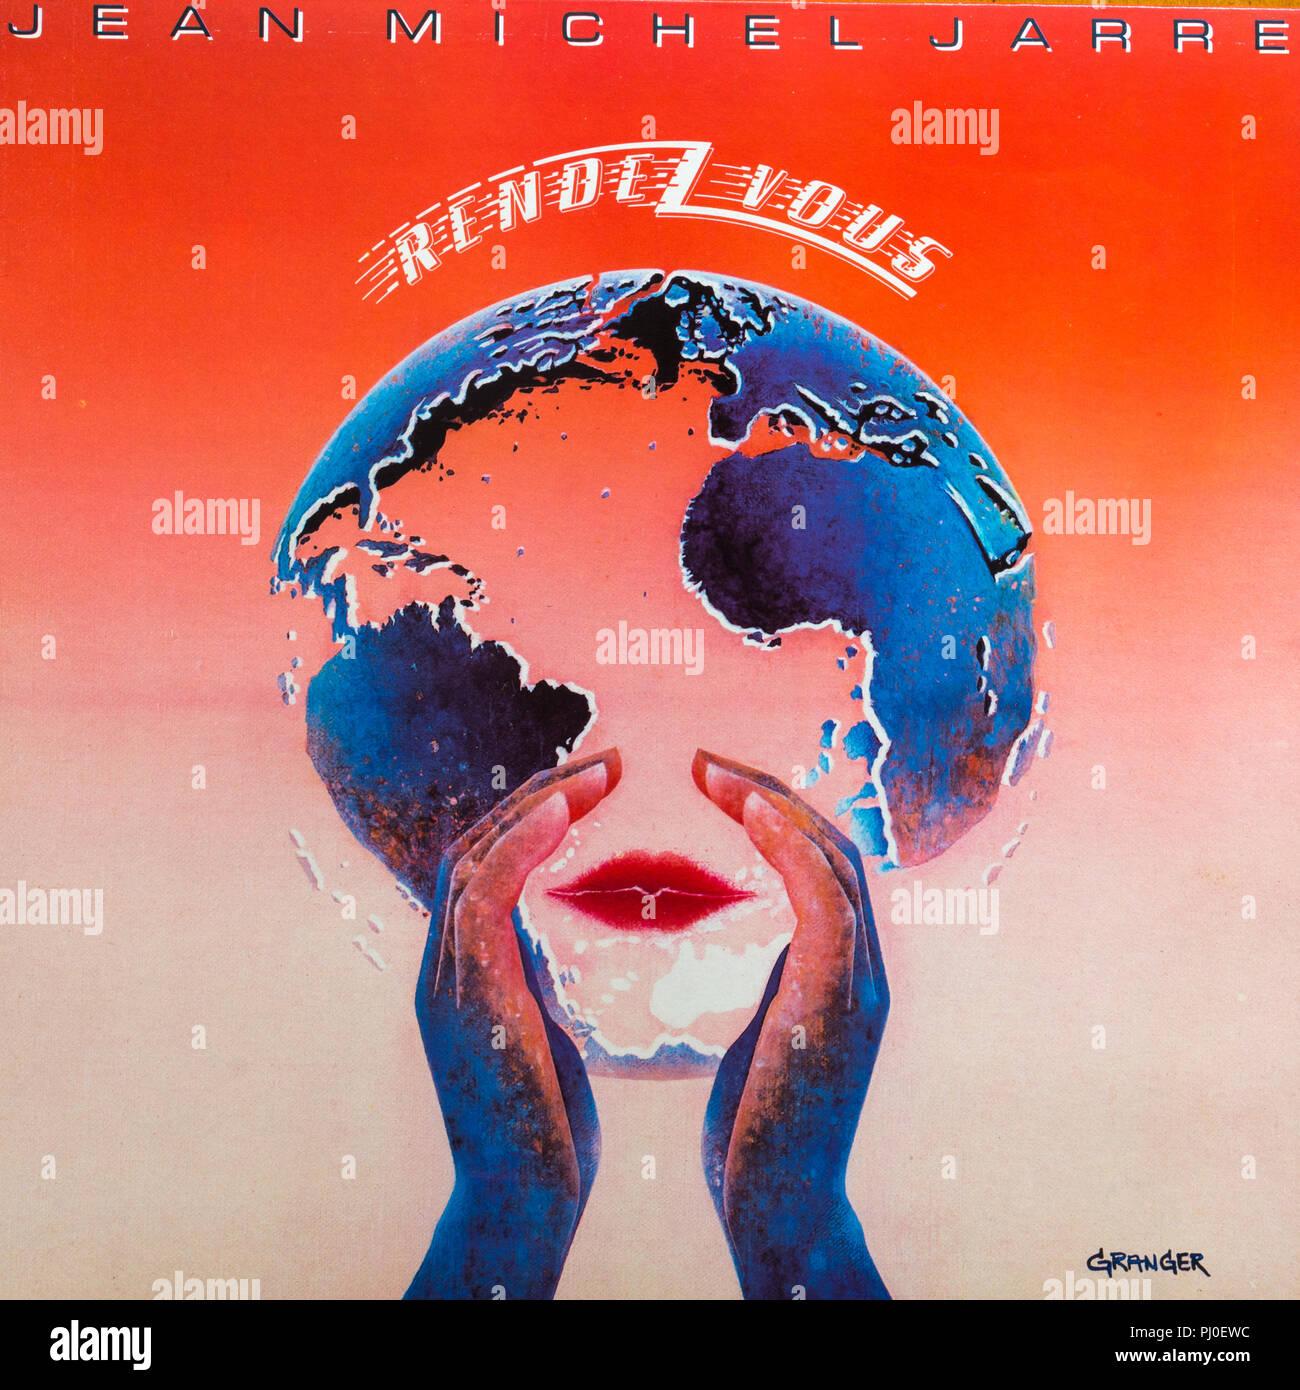 Jean-Michel Jarre Rendez-Vous album cover - Stock Image